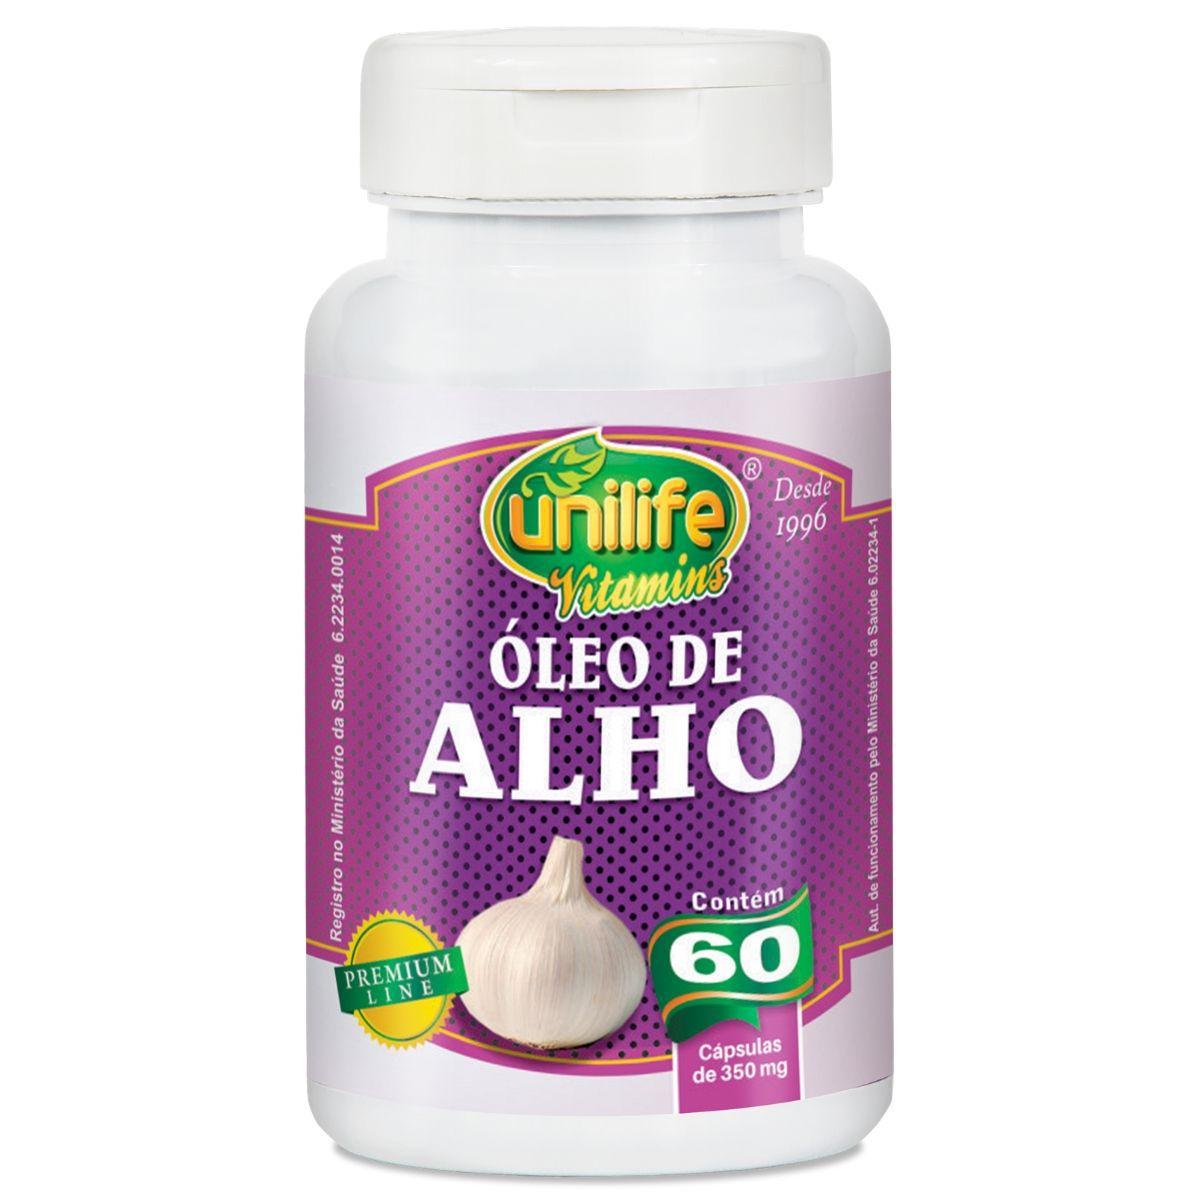 Óleo de Alho 60 350mg Cápsulas - Unilife